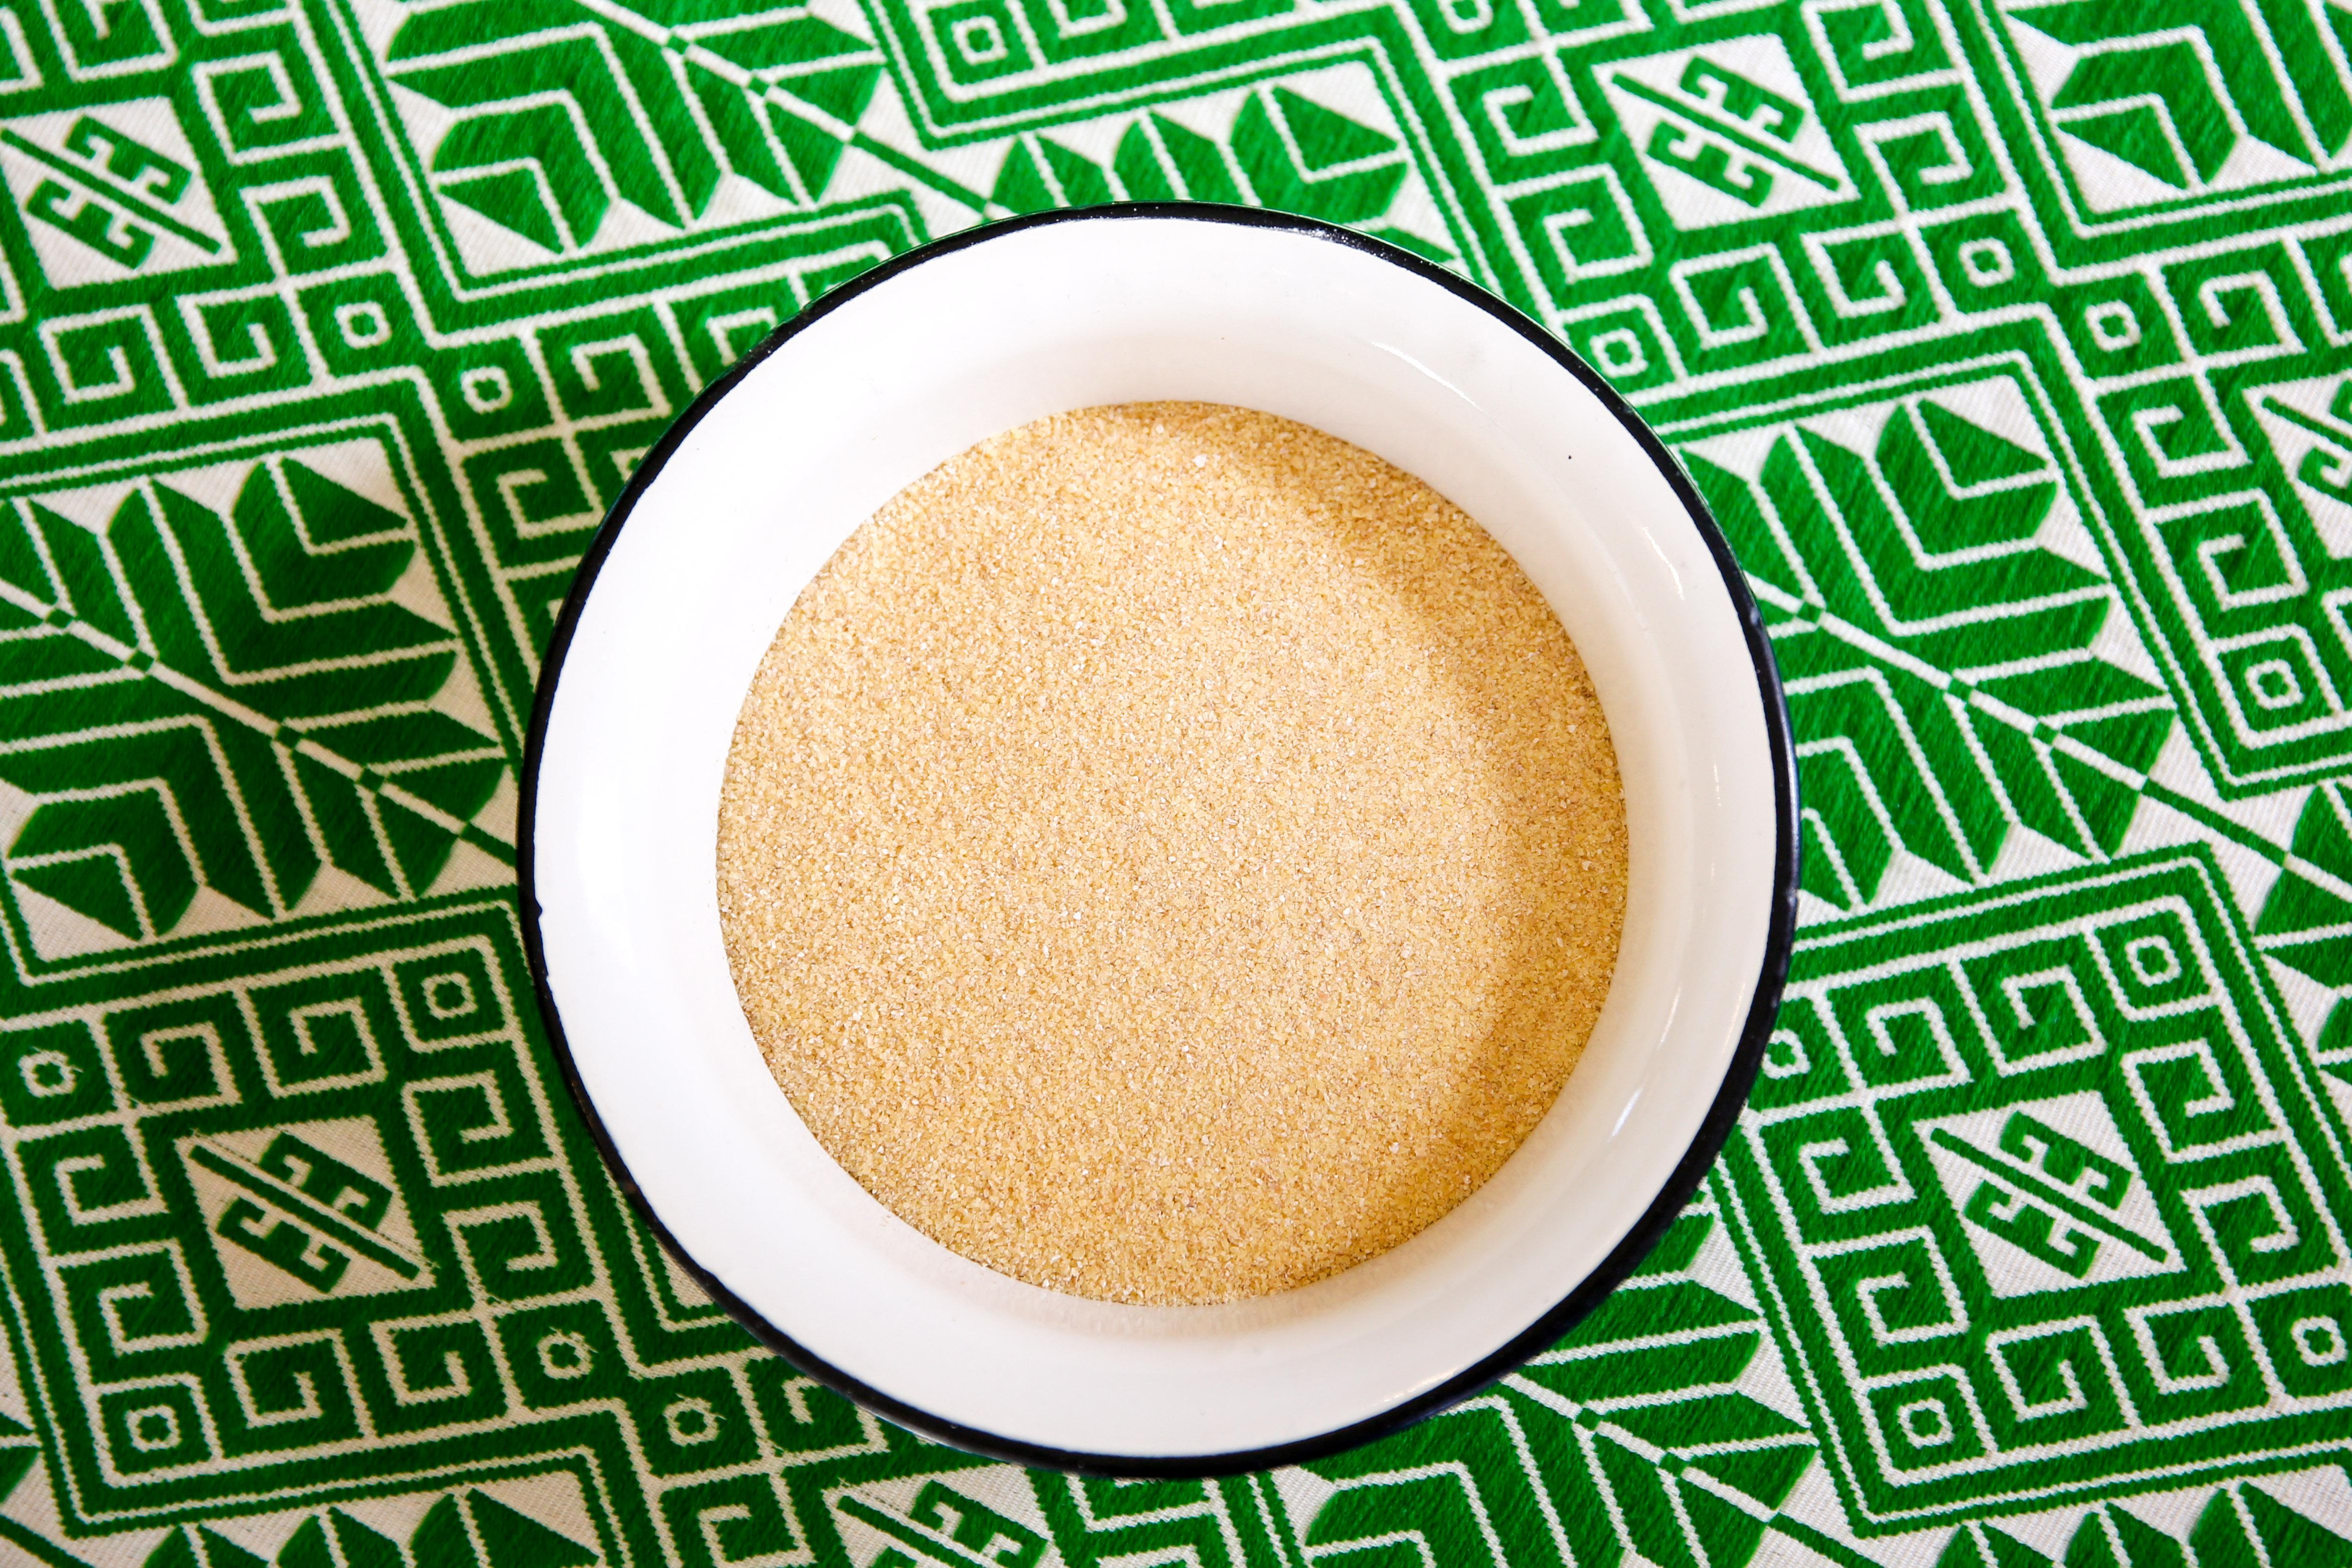 Freshly milled durum wheat semolina